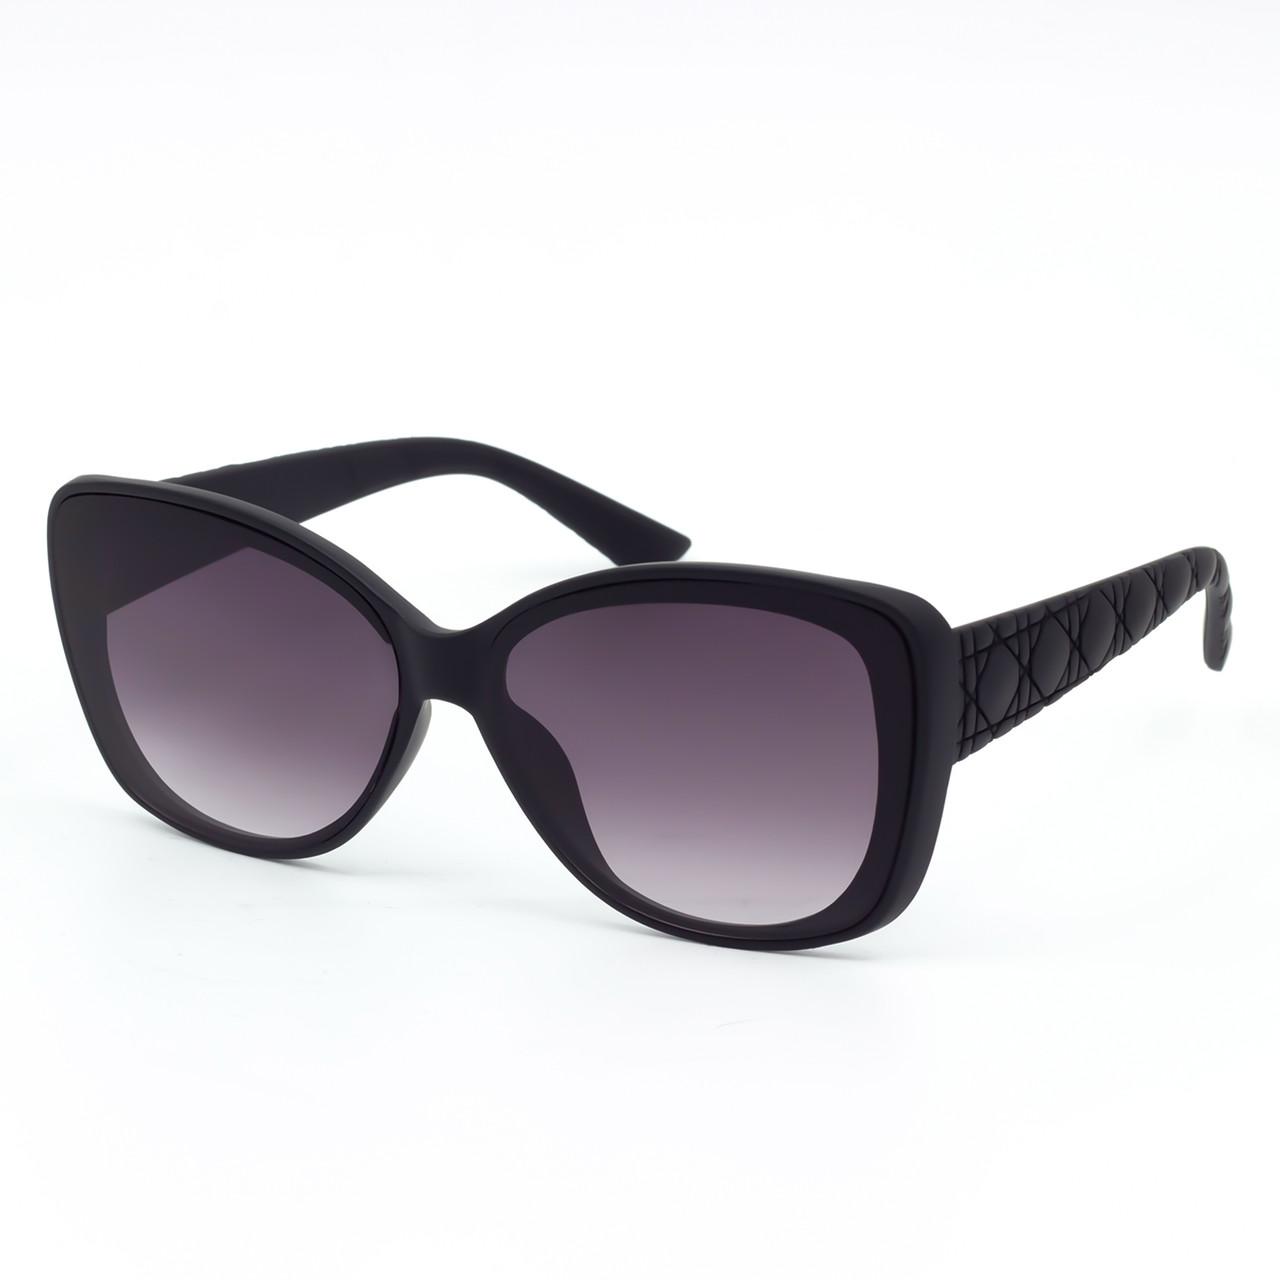 Сонцезахисні окуляри Marmilen 2013 C2 чорні матові ( 2013-02 )